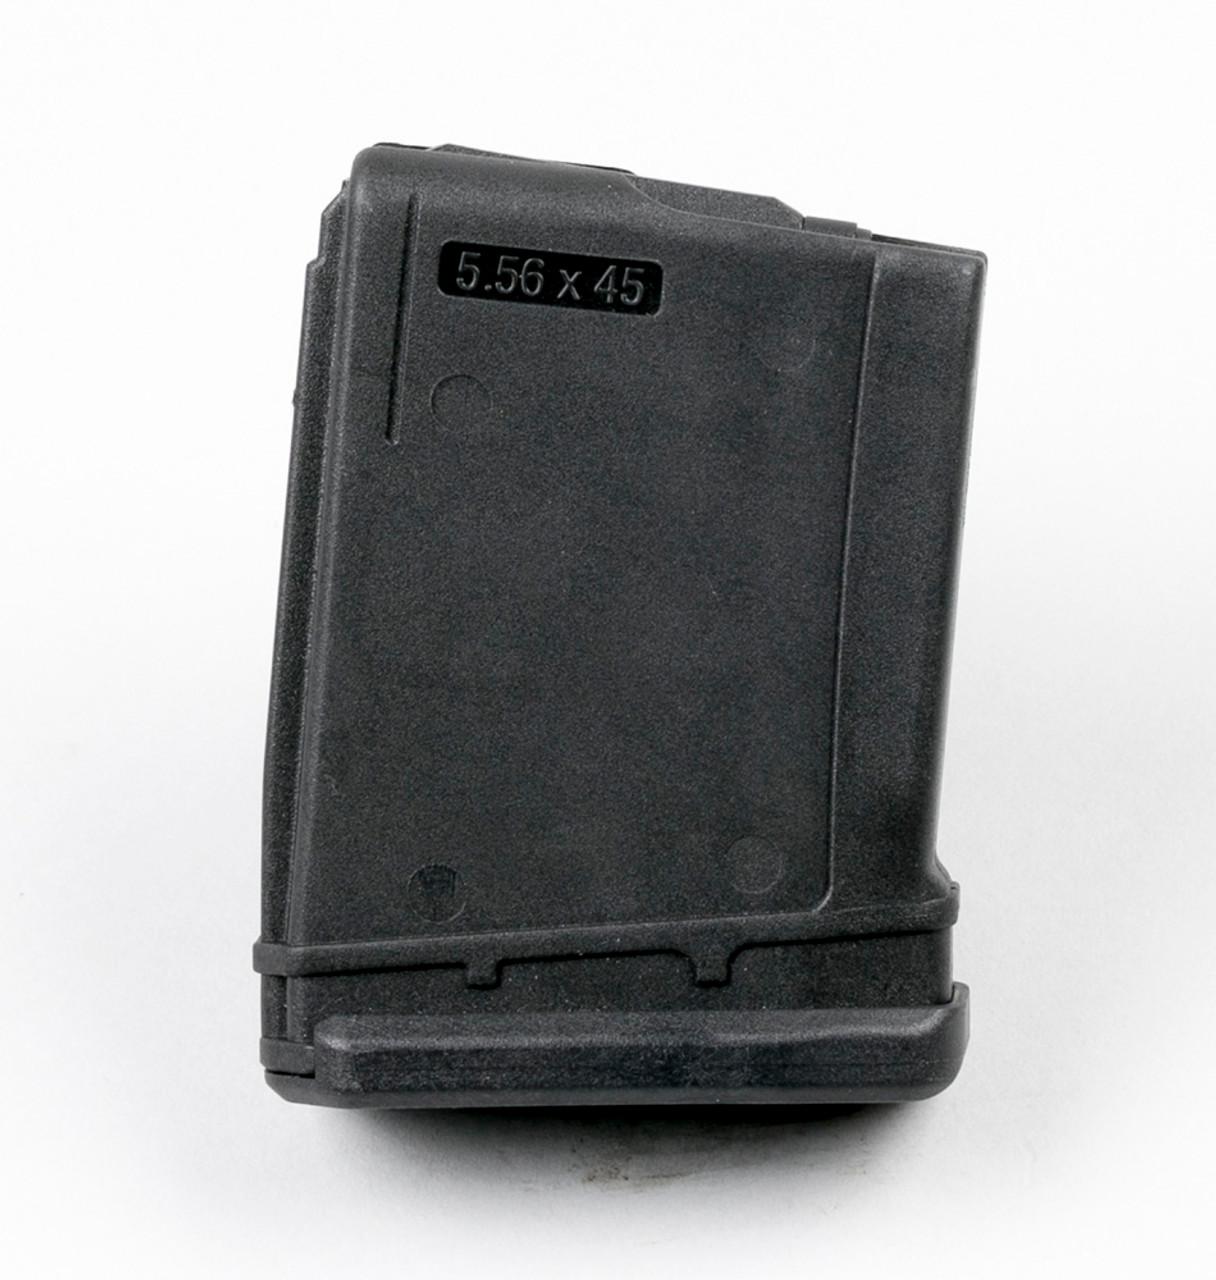 AR-15® / M16 .223 & 5.56x45mm (10) Rd - Black Polymer